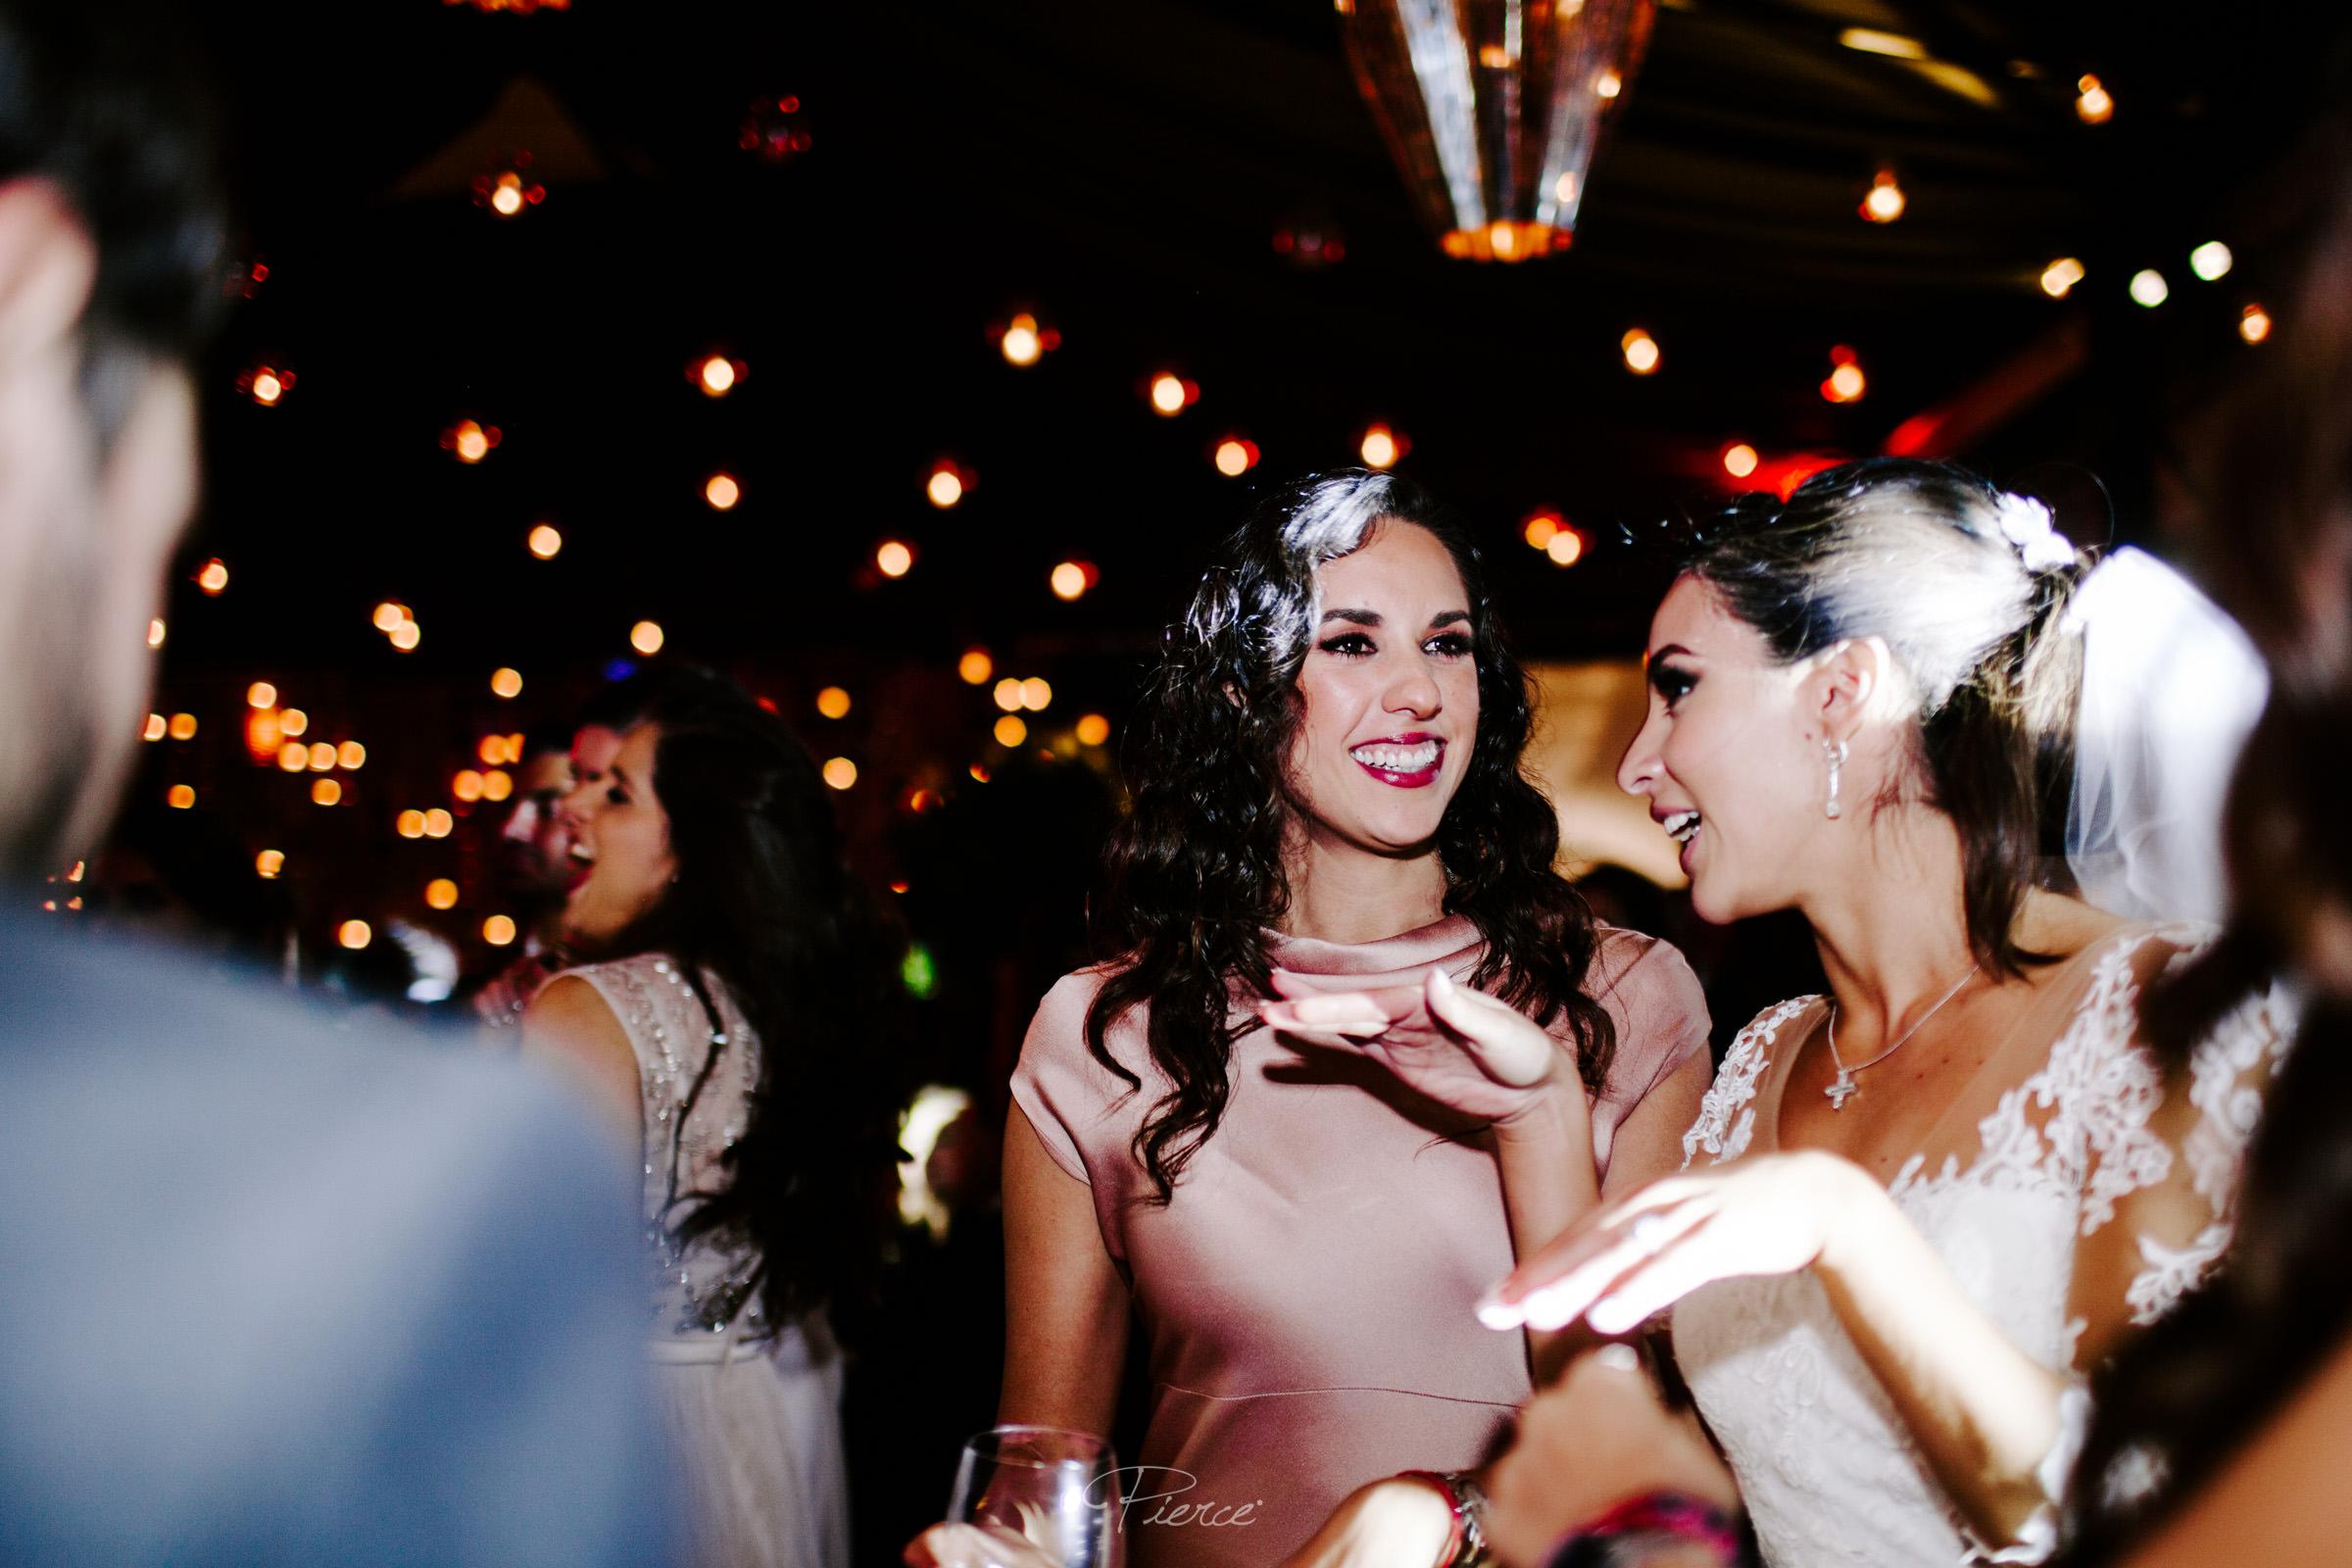 fotografia-de-boda-valle-de-bravo-mexico-rosmarino-pierce-weddings-0207.JPG